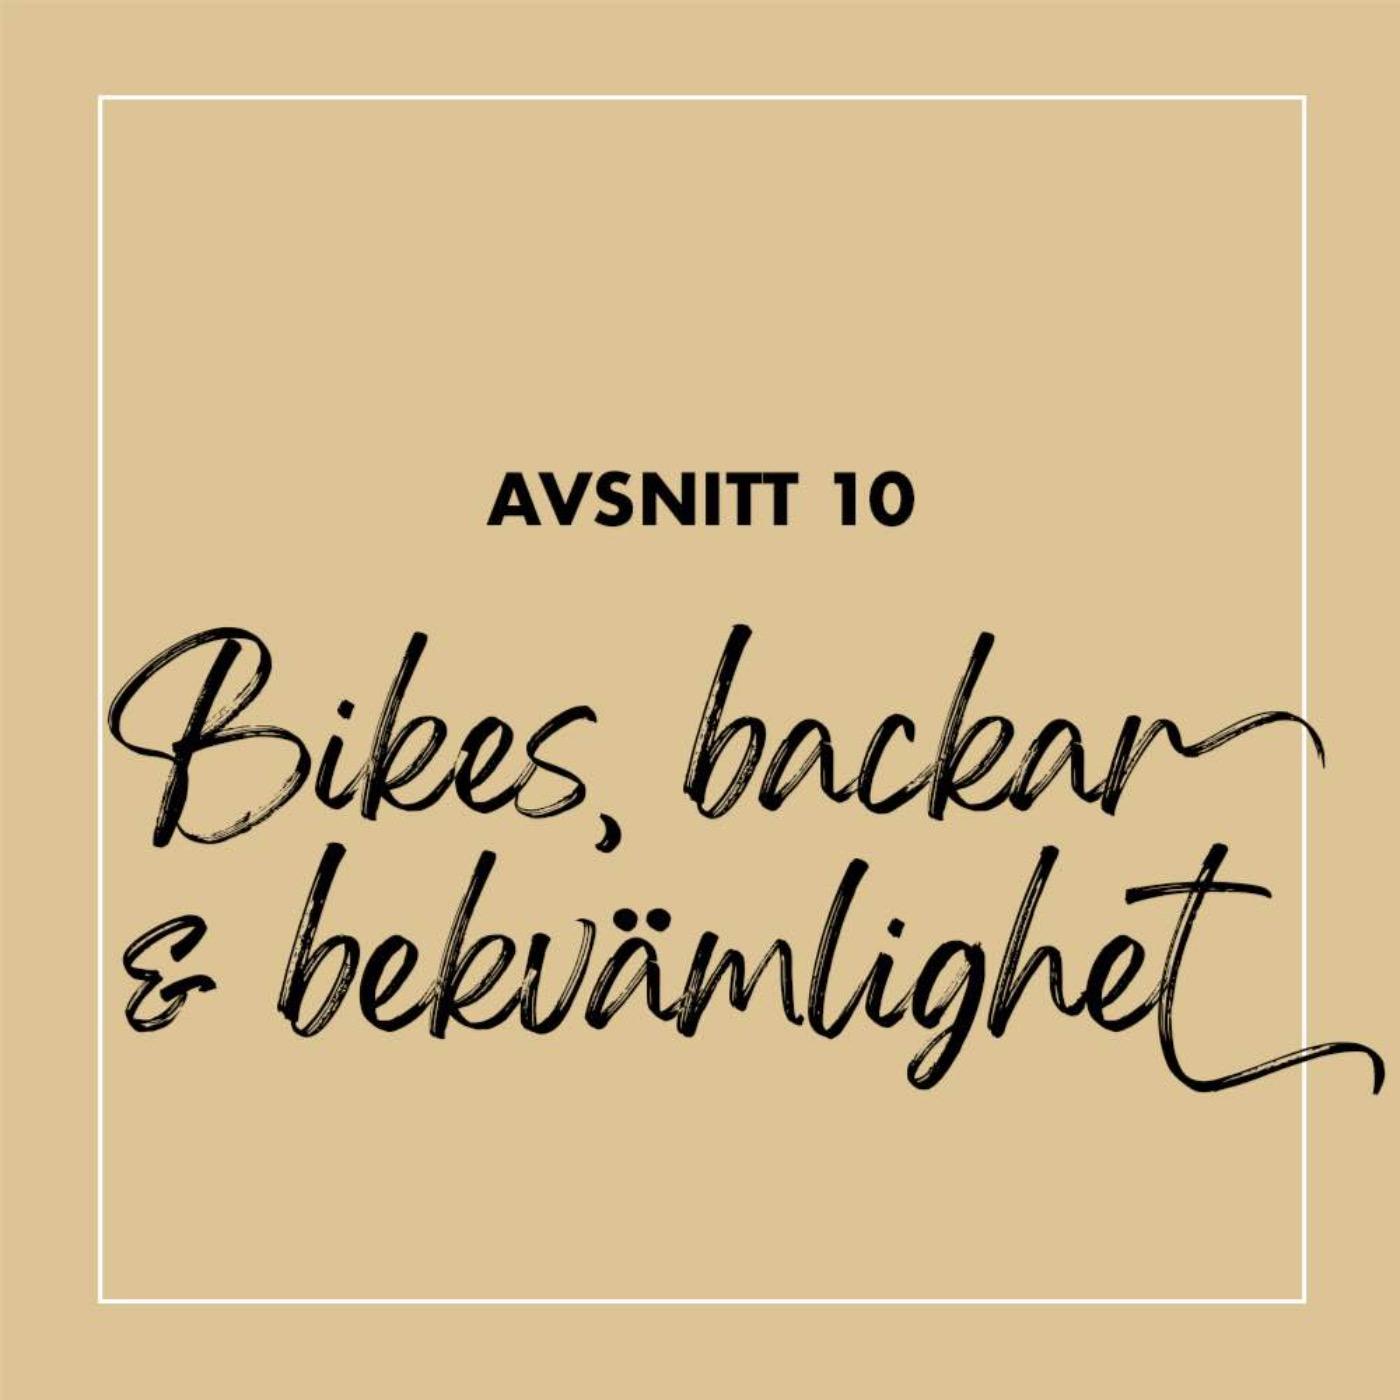 #10 Bikes, backar & bekvämlighet